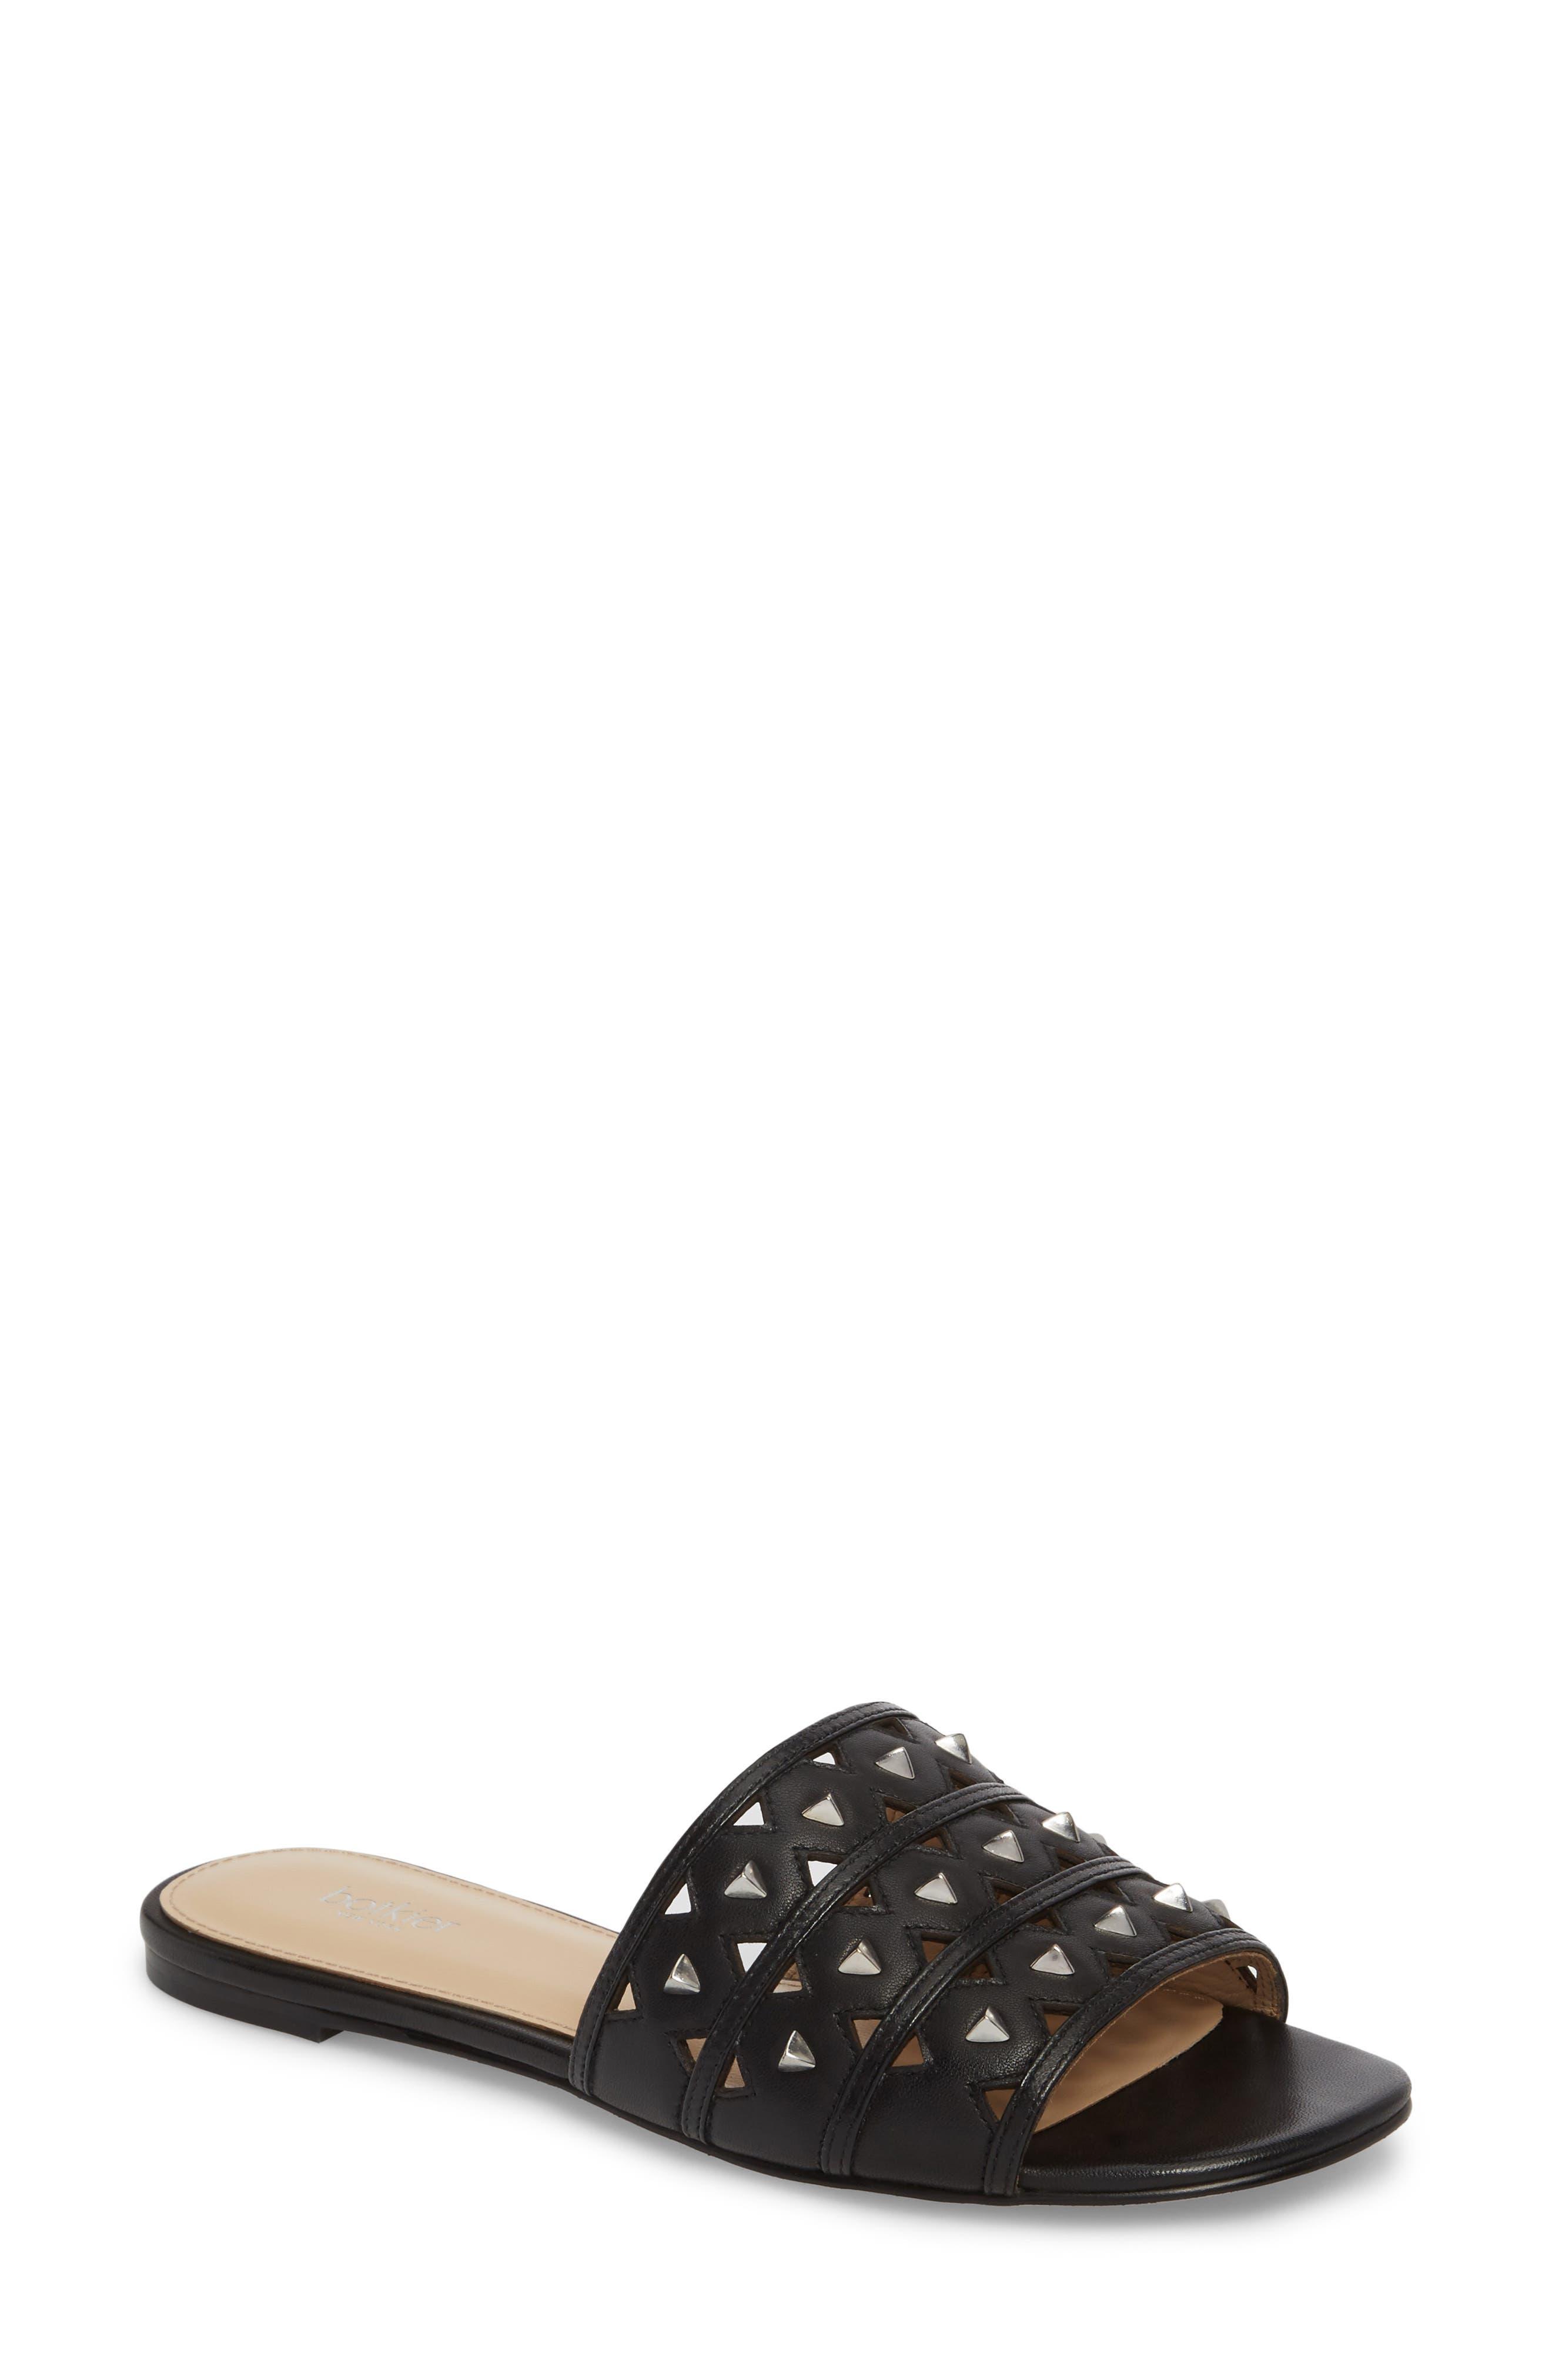 Maeva Slide Sandal,                         Main,                         color, 001